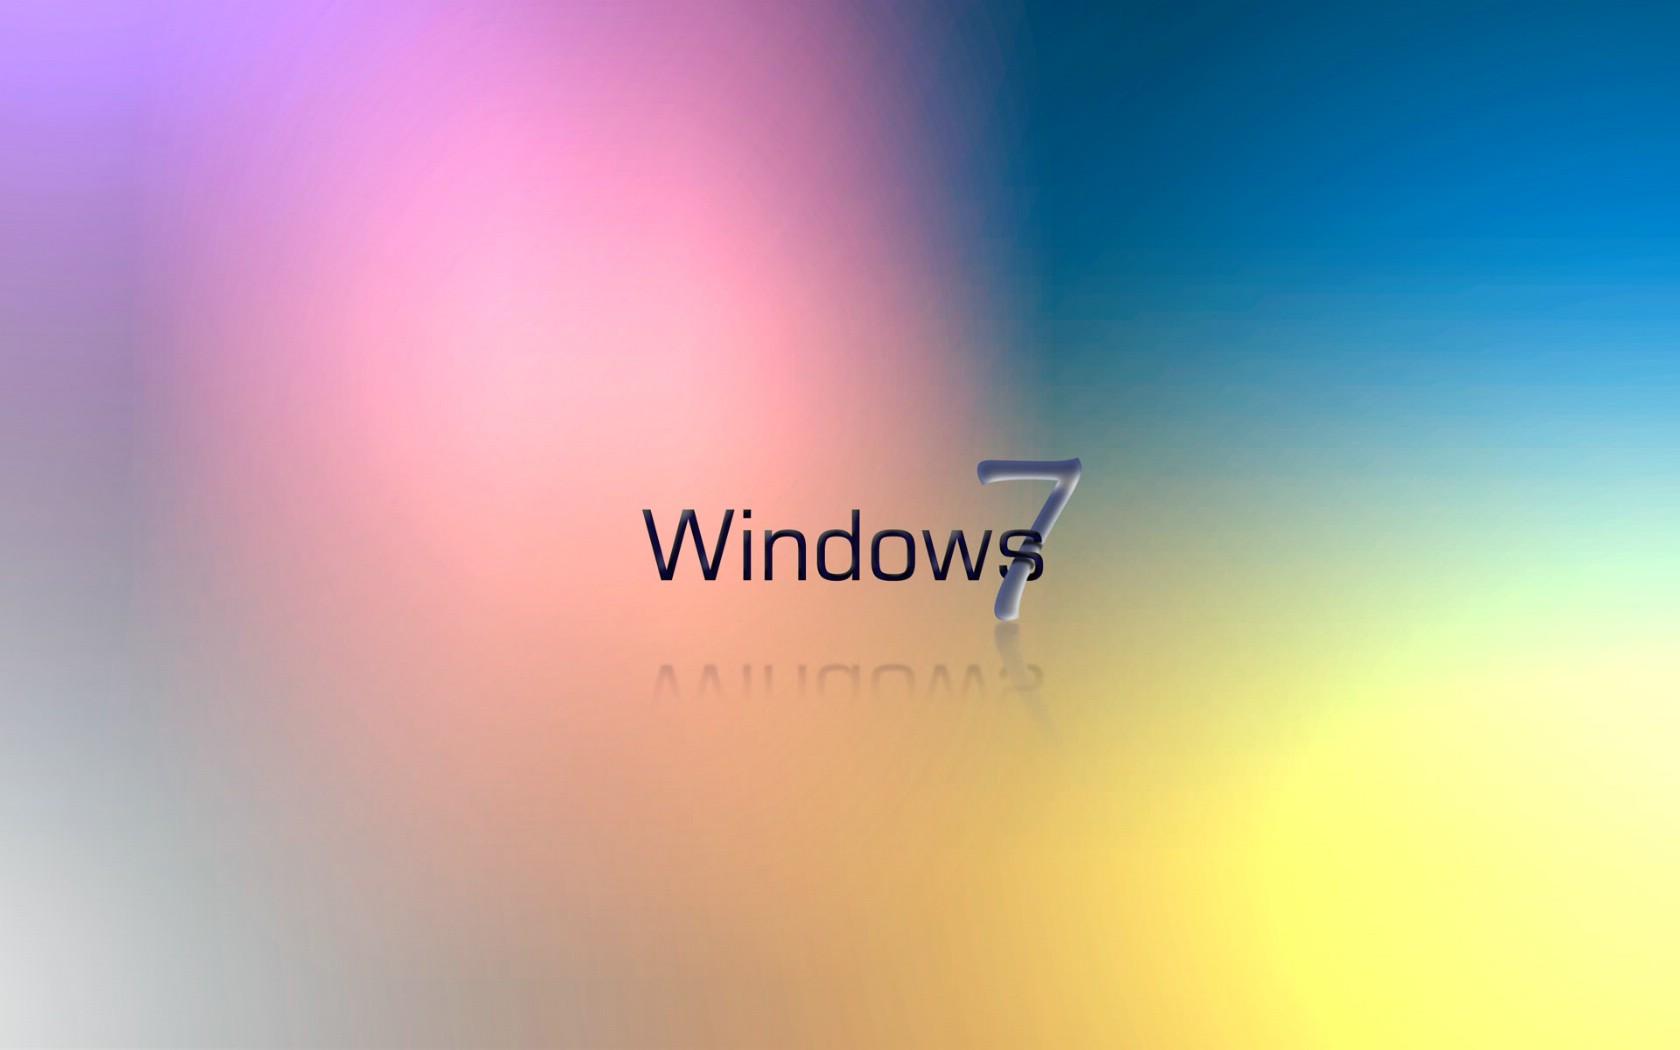 1050高清windows7宽屏壁纸壁纸,高清windows7宽屏壁纸壁纸图片图片